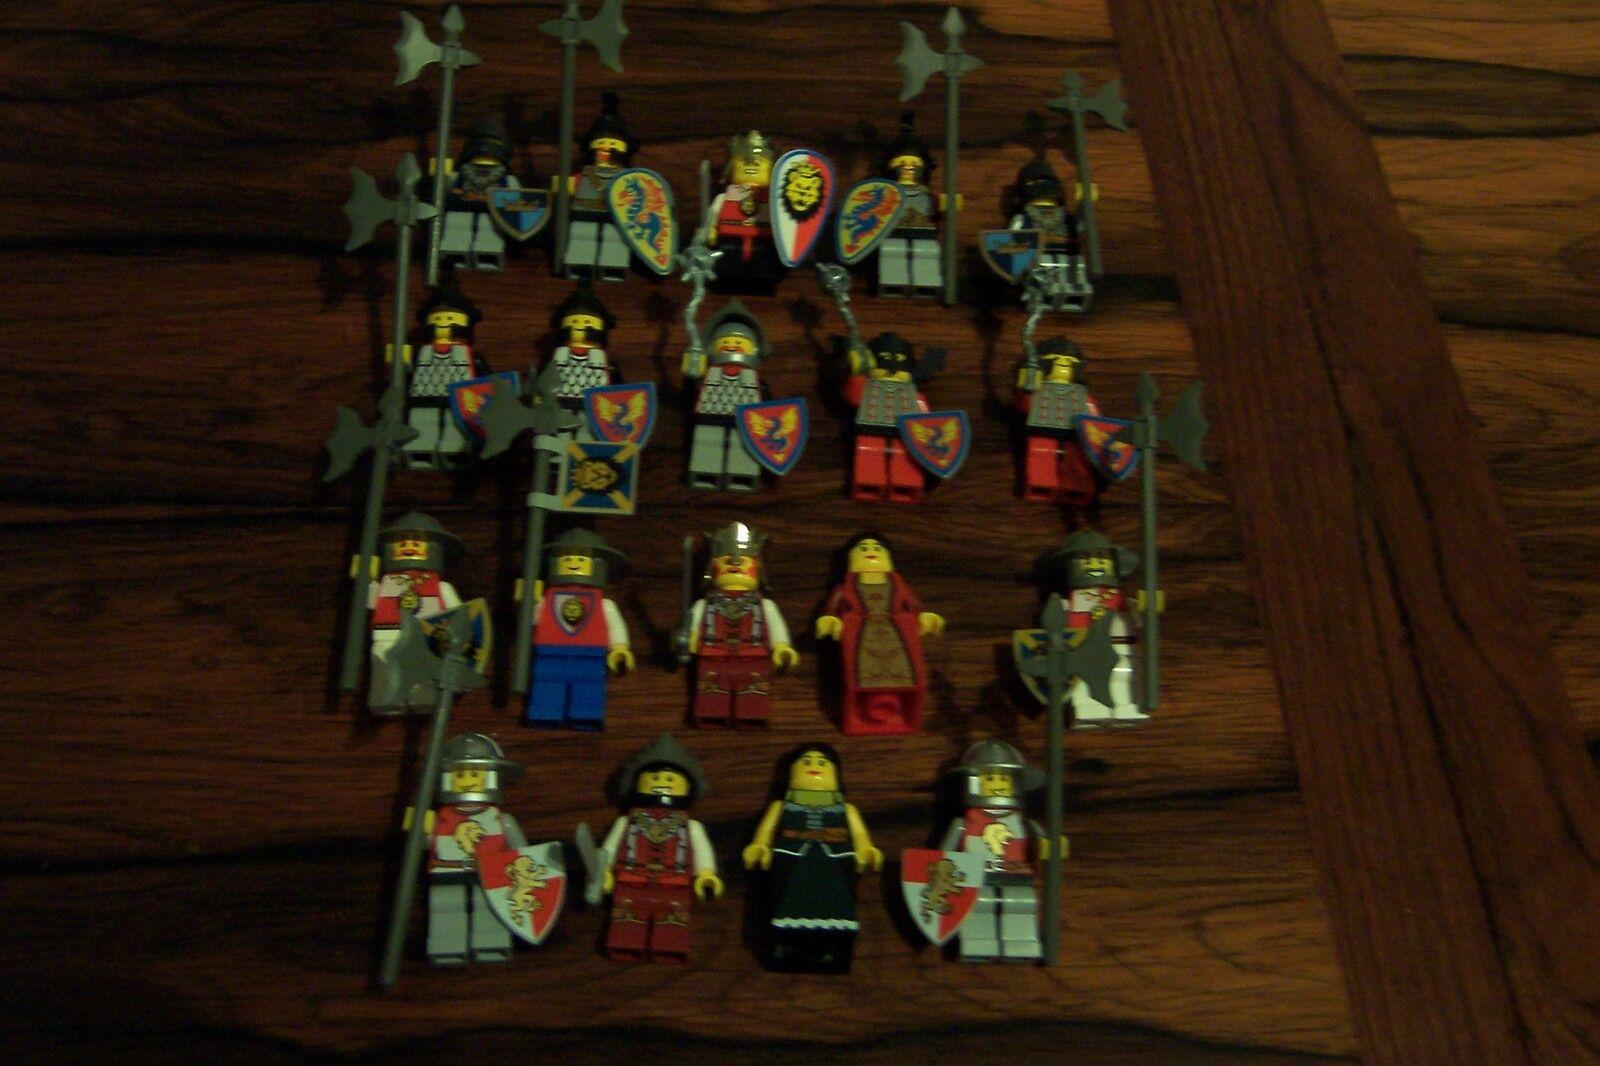 Lego Ritter Castle 19 Figures Komplett Waffen Löwen,König,Wachen